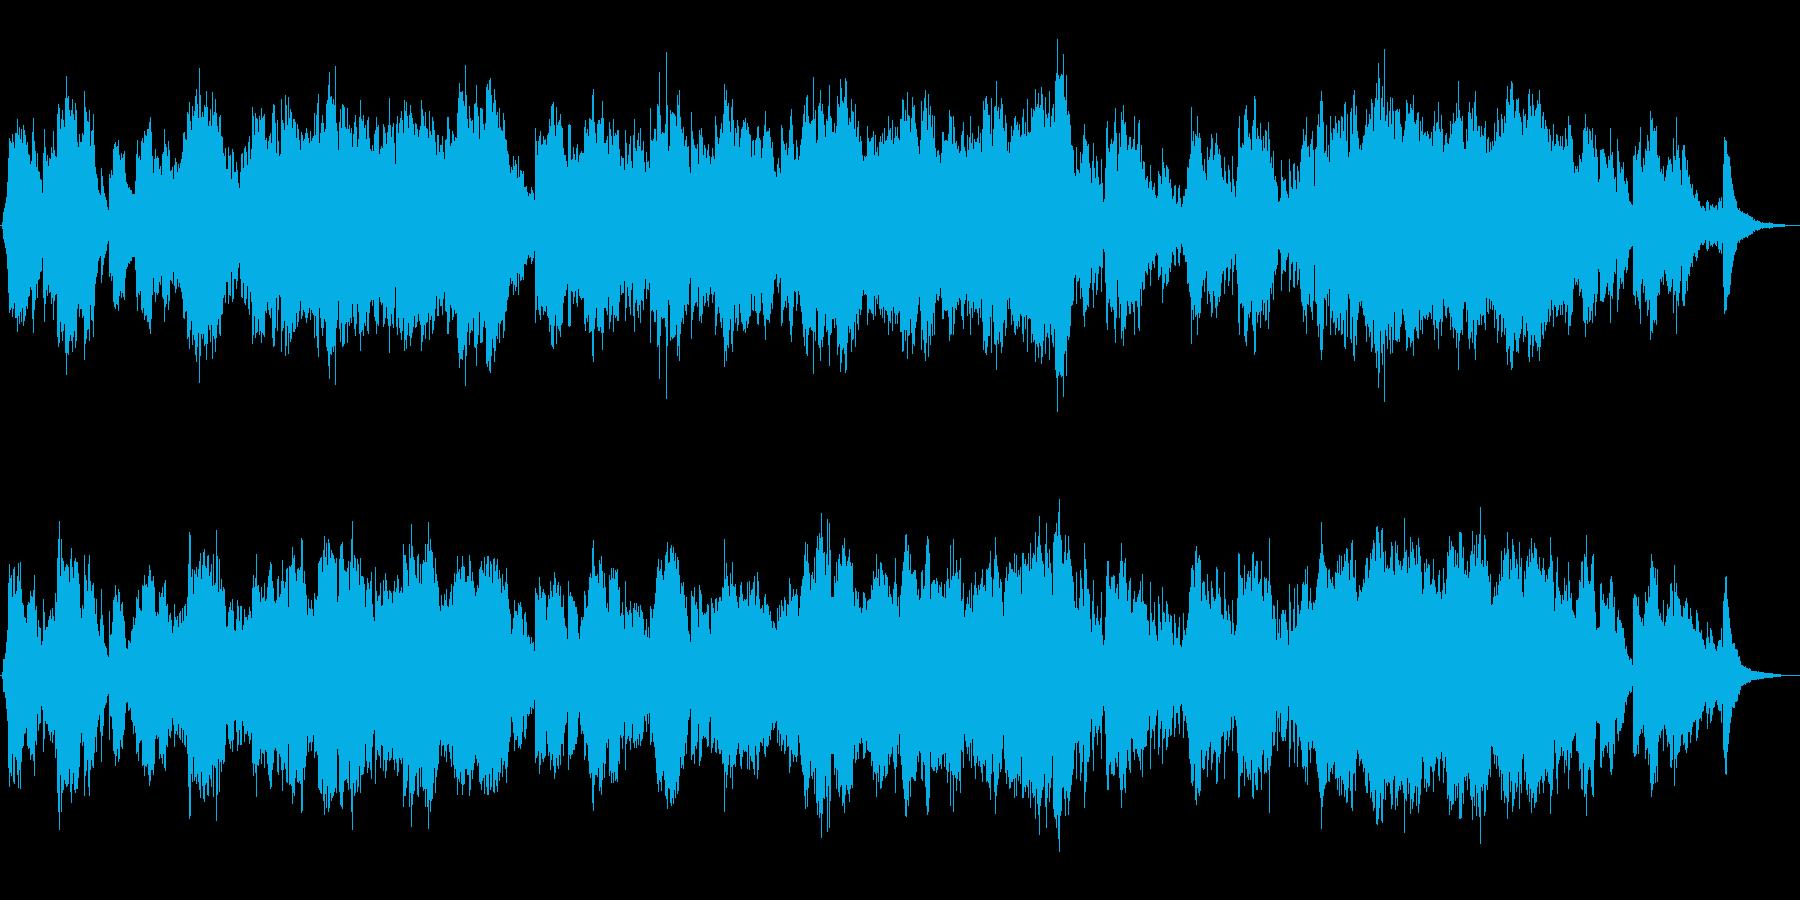 生演奏二胡による美しく儚いバラードの再生済みの波形